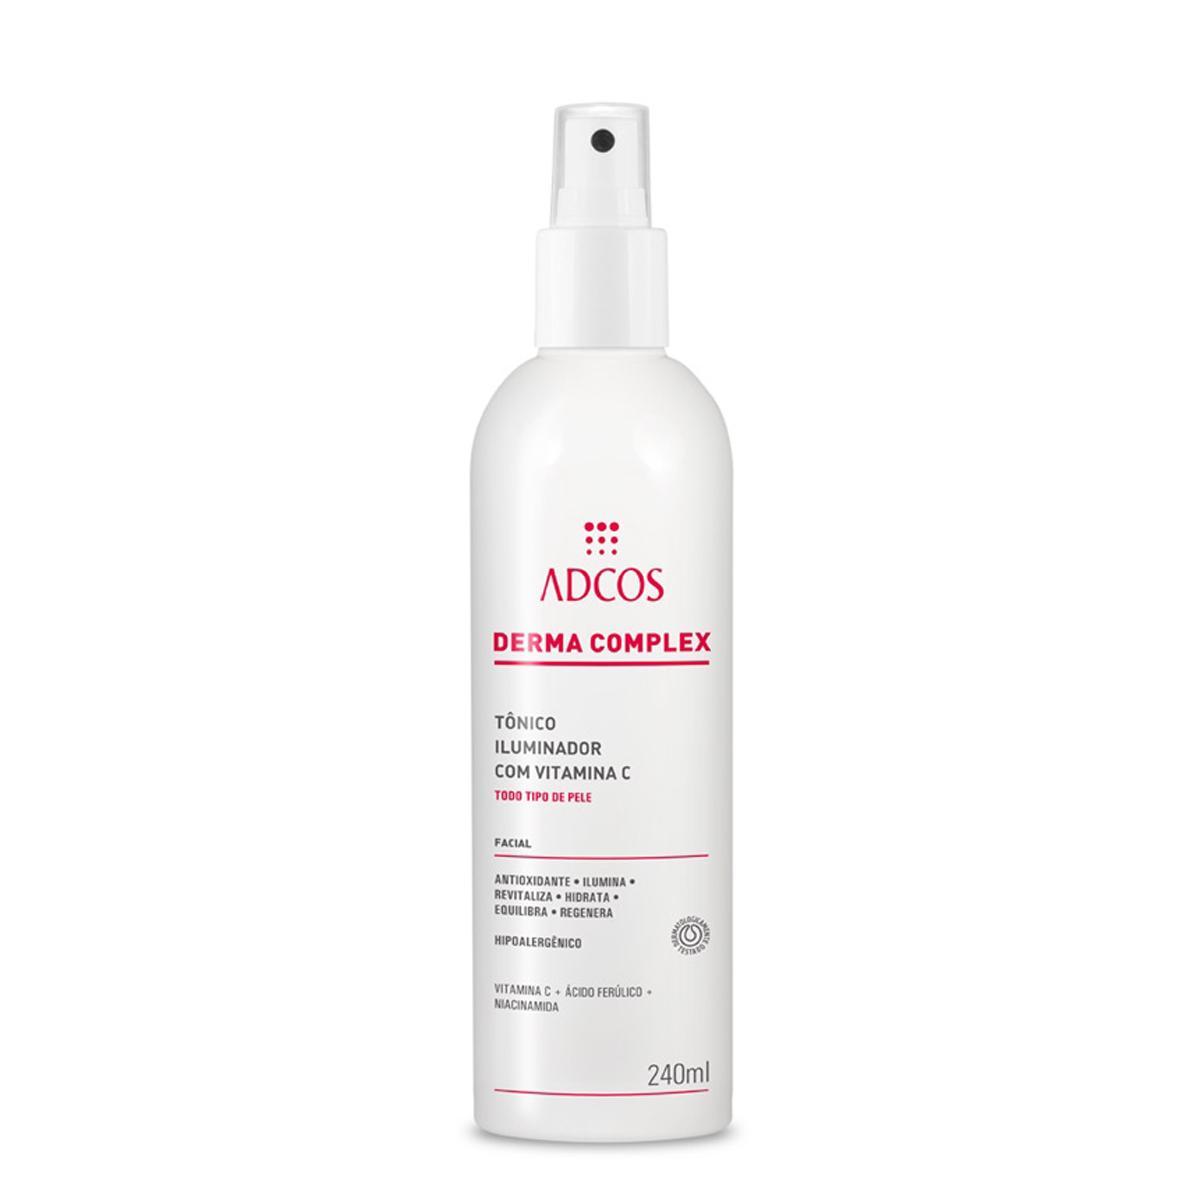 Adcos professional Derma Complex Tônico Iluminador c/ Vitamina C 240ml